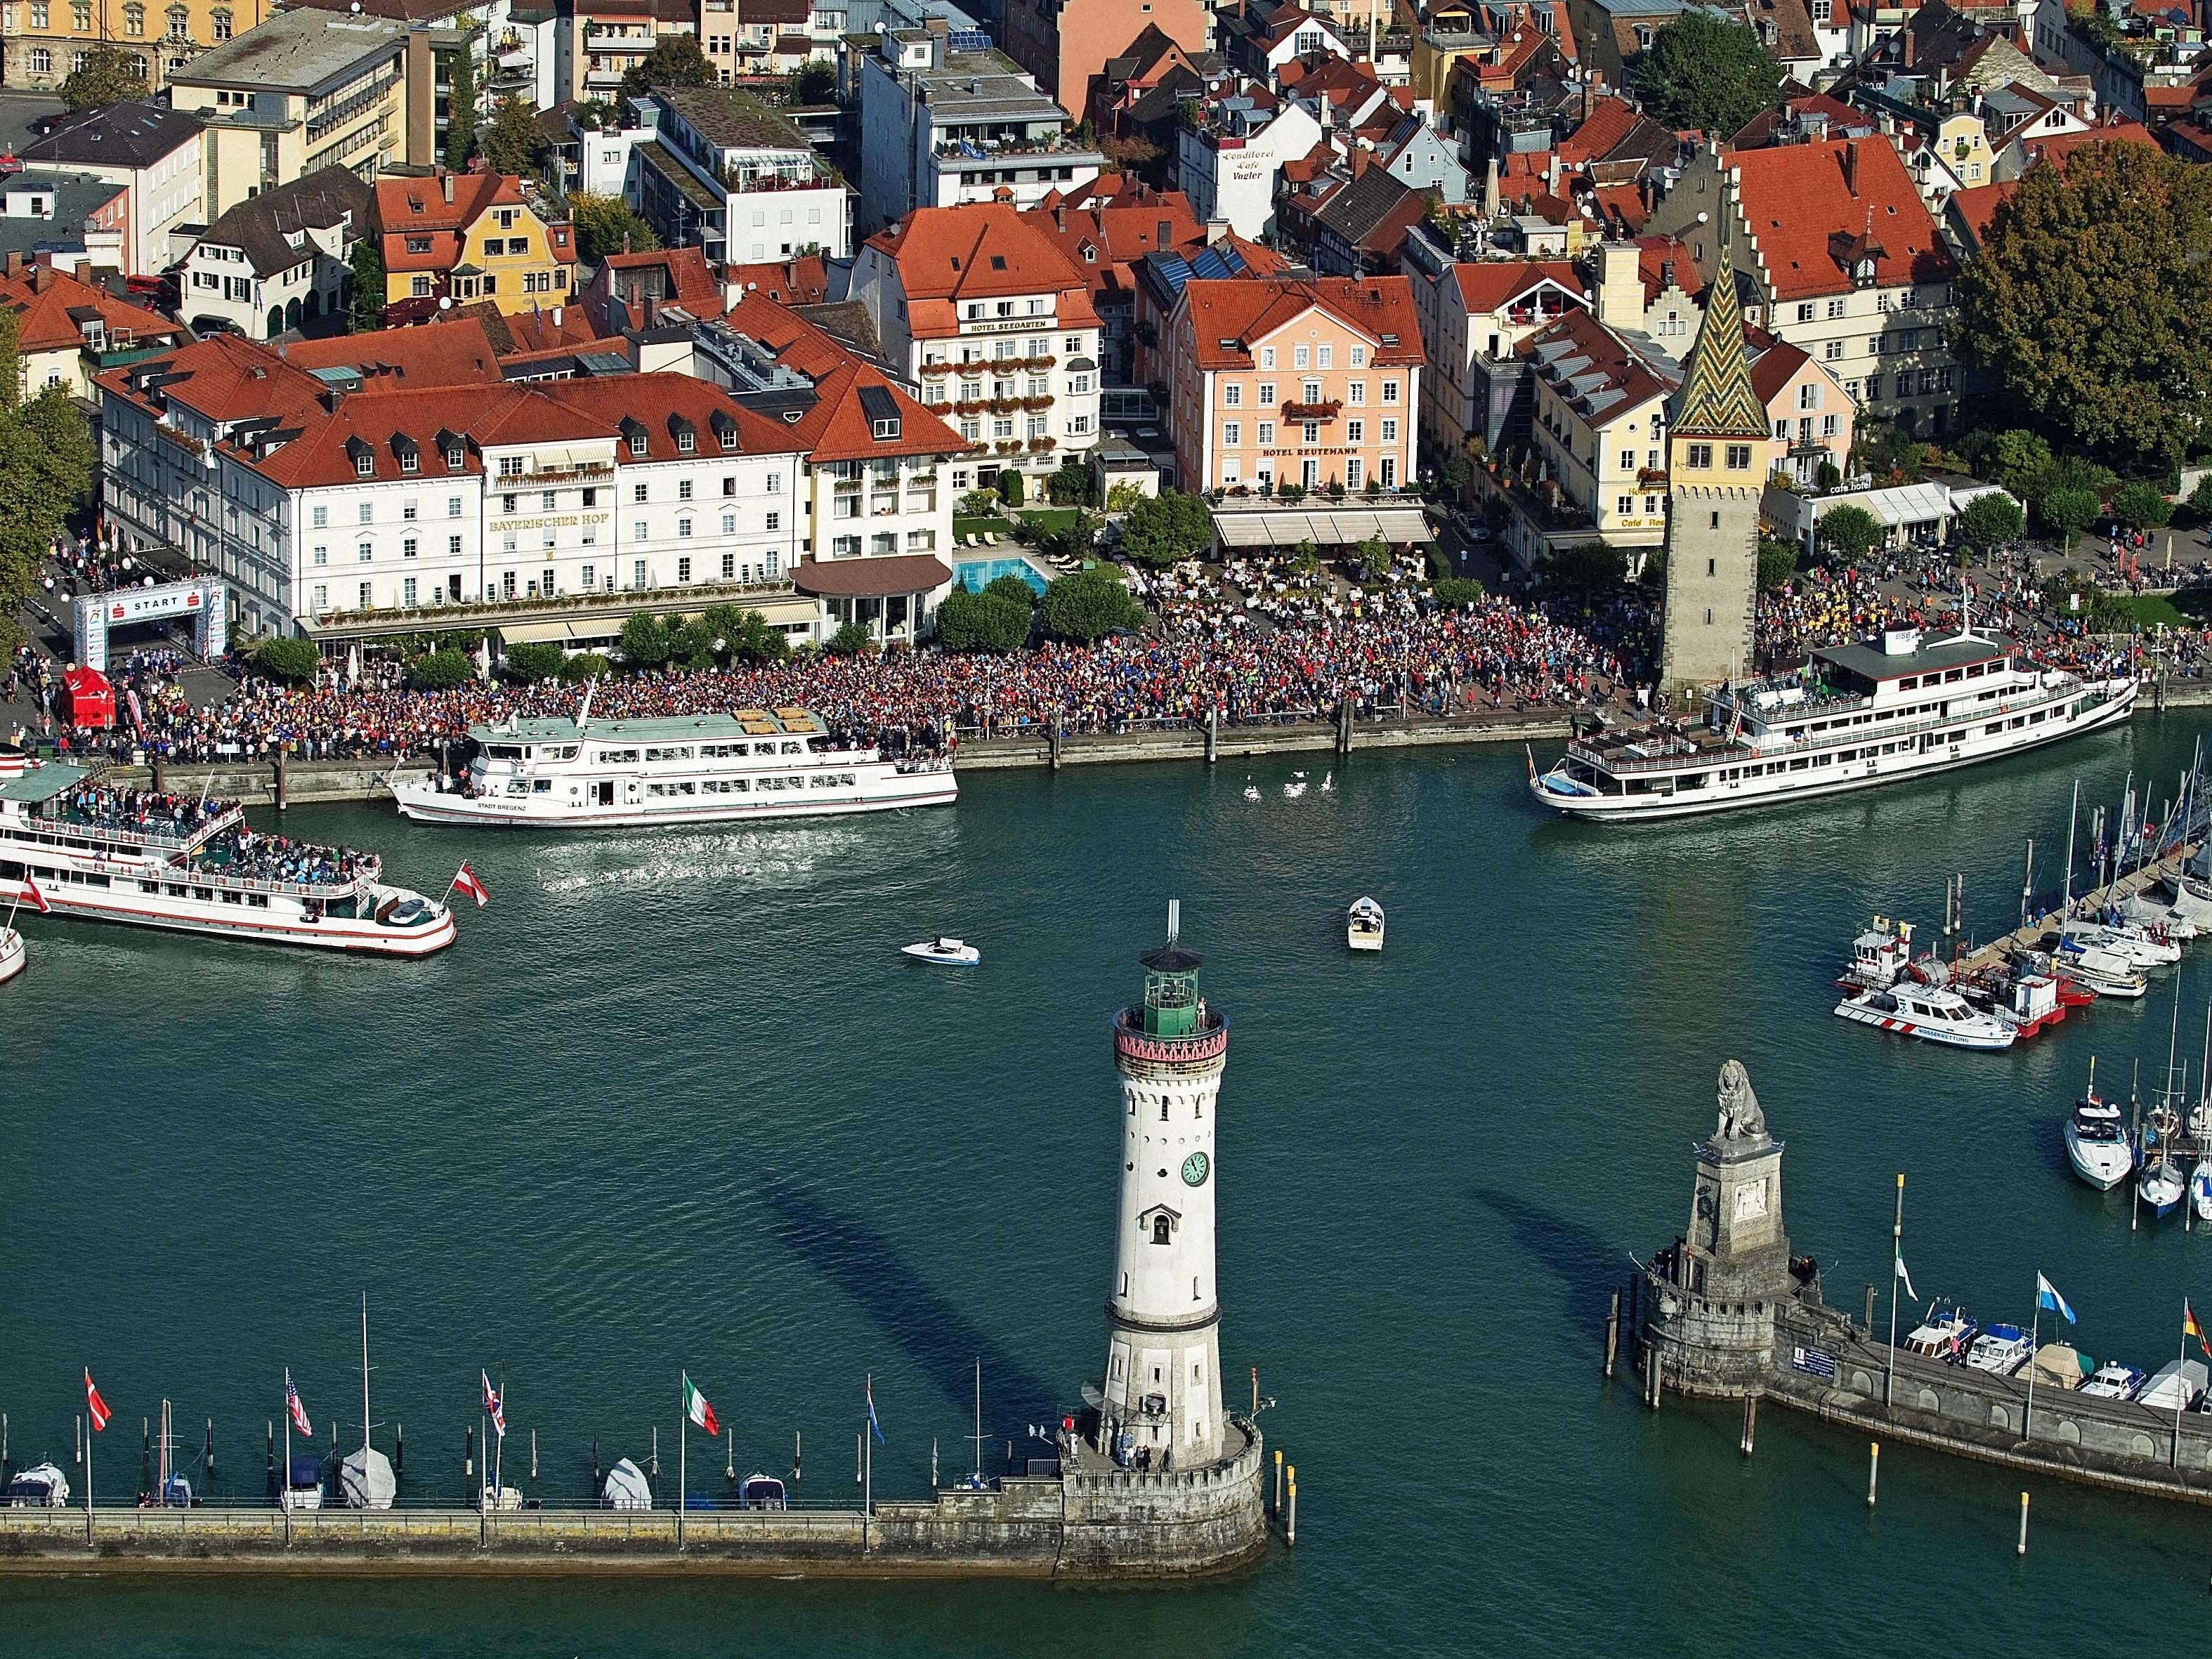 Anfang Oktober steigt wieder der große Sparkasse Marathon im Dreiländereck.